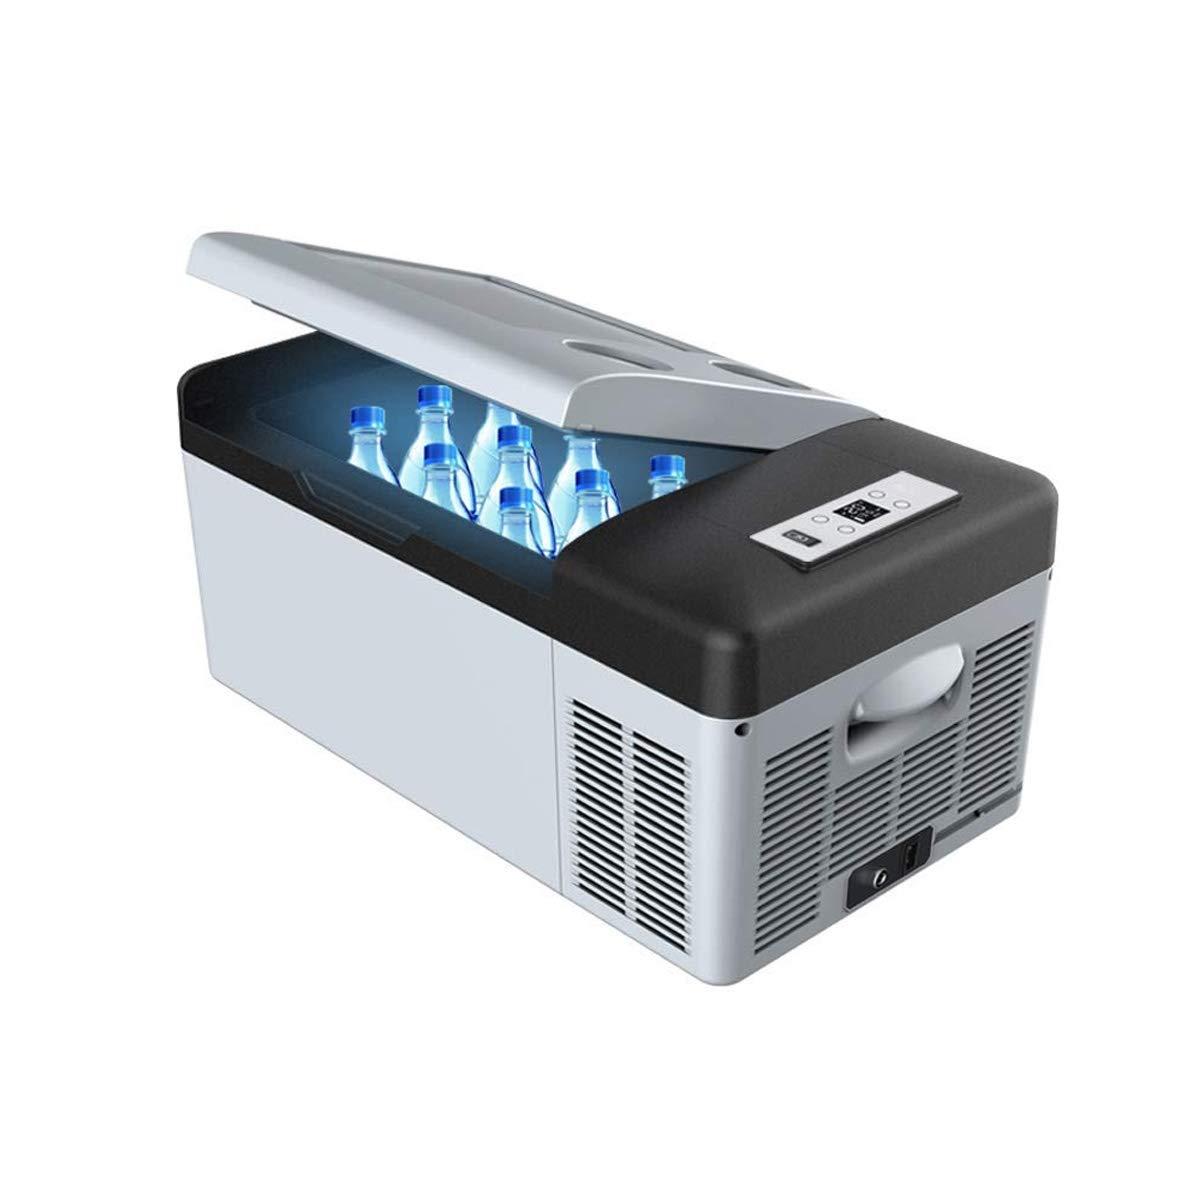 ACOPOWER P15 - Congelador portátil: Amazon.es: Jardín